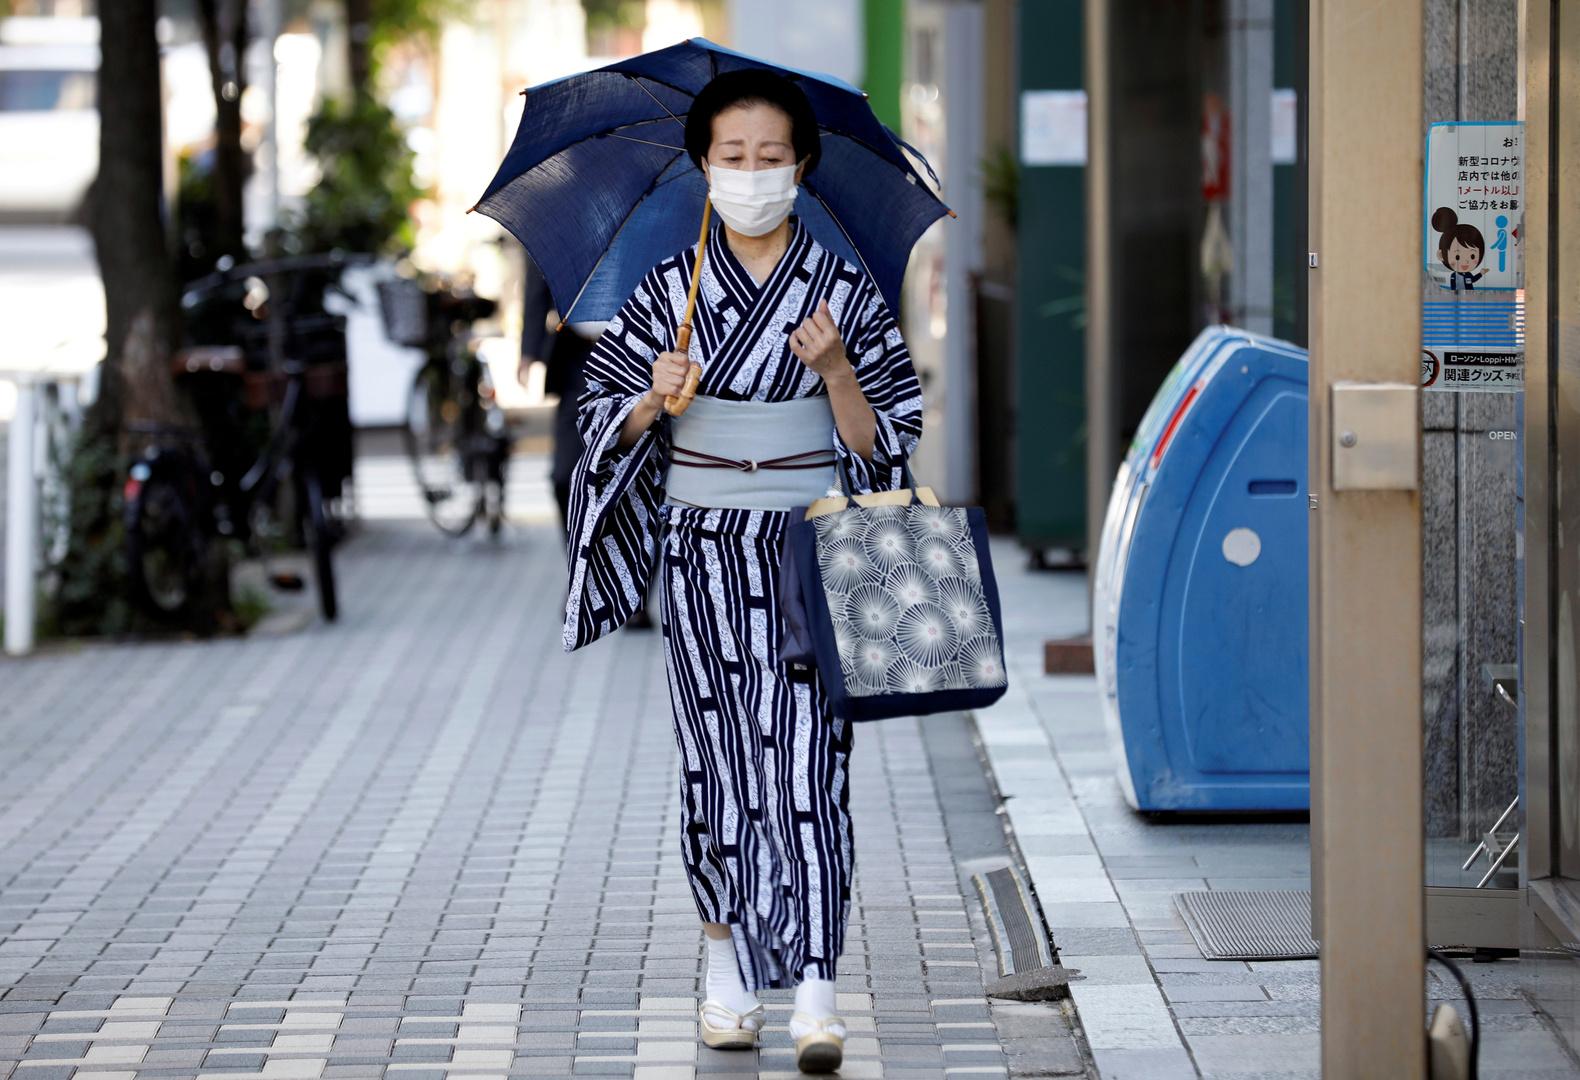 لليوم الرابع على التوالي.. طوكيو تسجل أكثر من 200 إصابة بكورونا